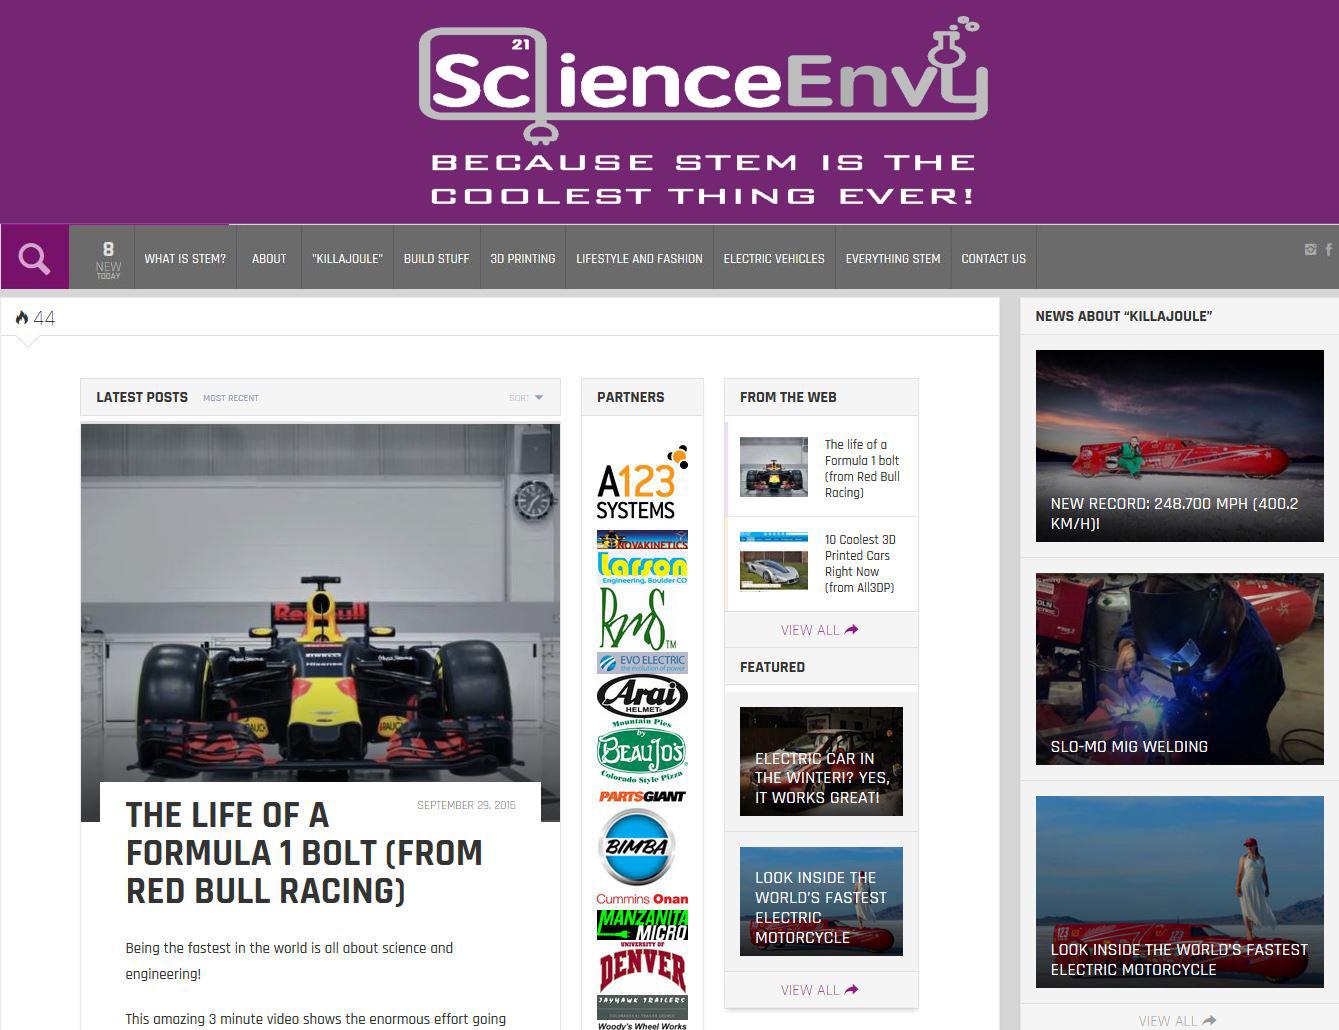 ScienceEnvy.com